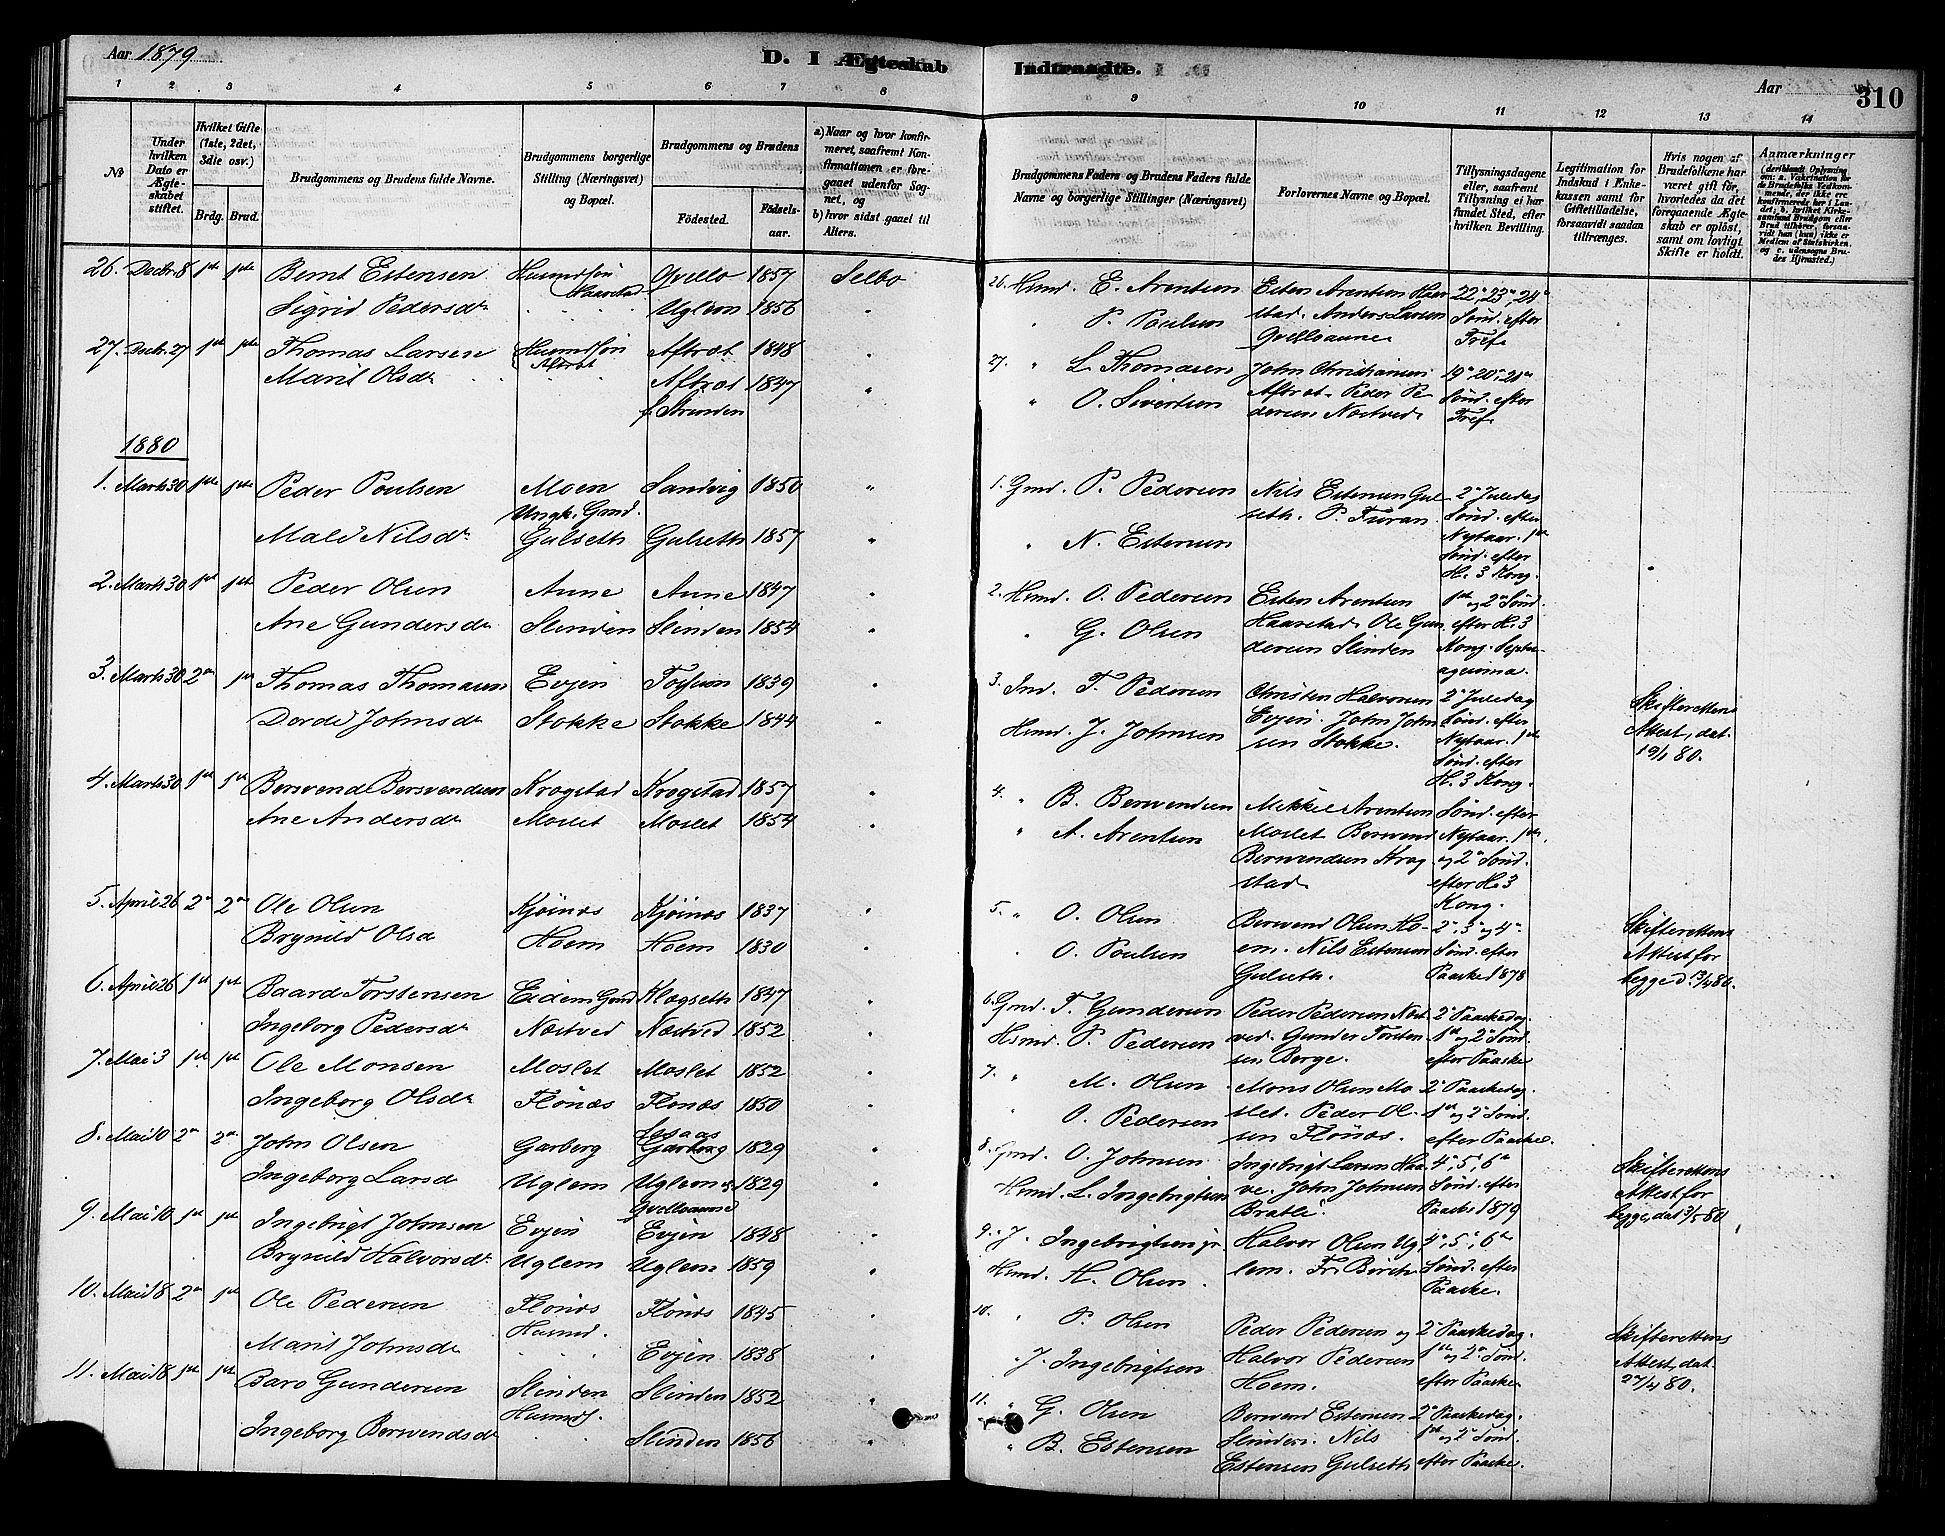 SAT, Ministerialprotokoller, klokkerbøker og fødselsregistre - Sør-Trøndelag, 695/L1148: Ministerialbok nr. 695A08, 1878-1891, s. 310